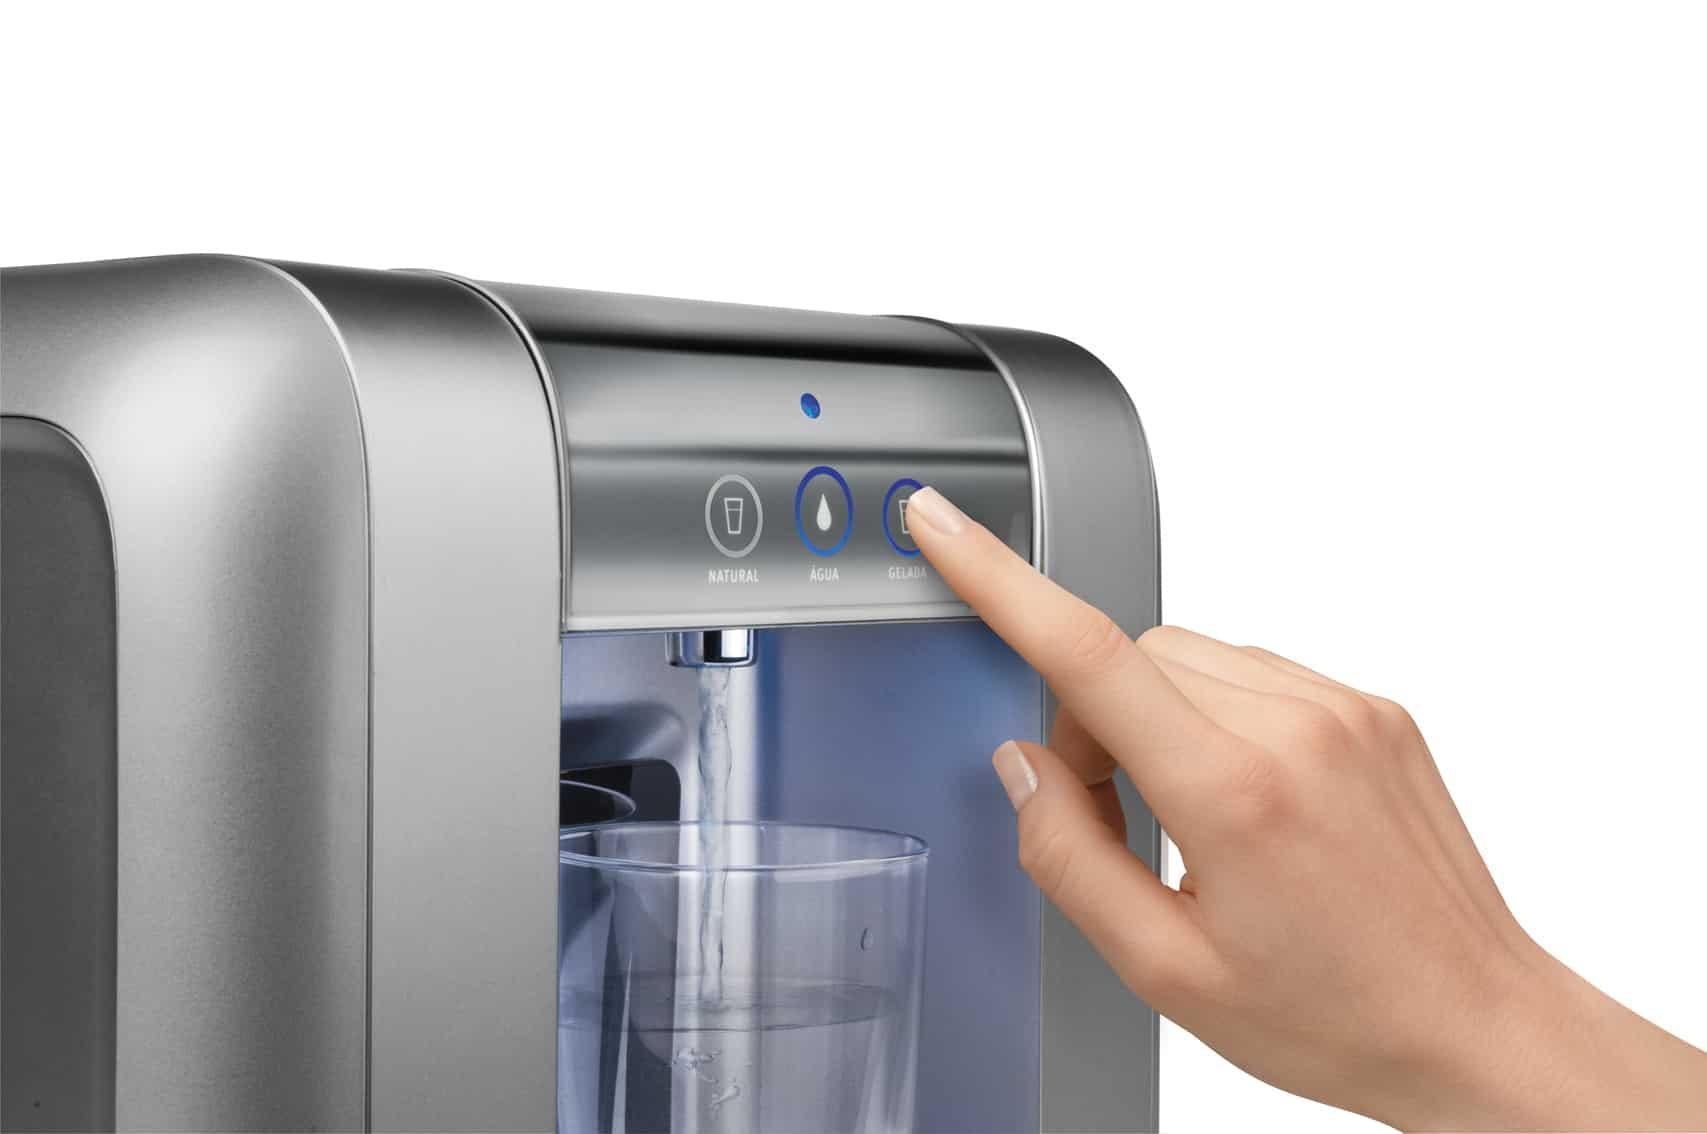 O melhor filtro de água deve purificar, reter impurezas e evitar a contaminaçãp